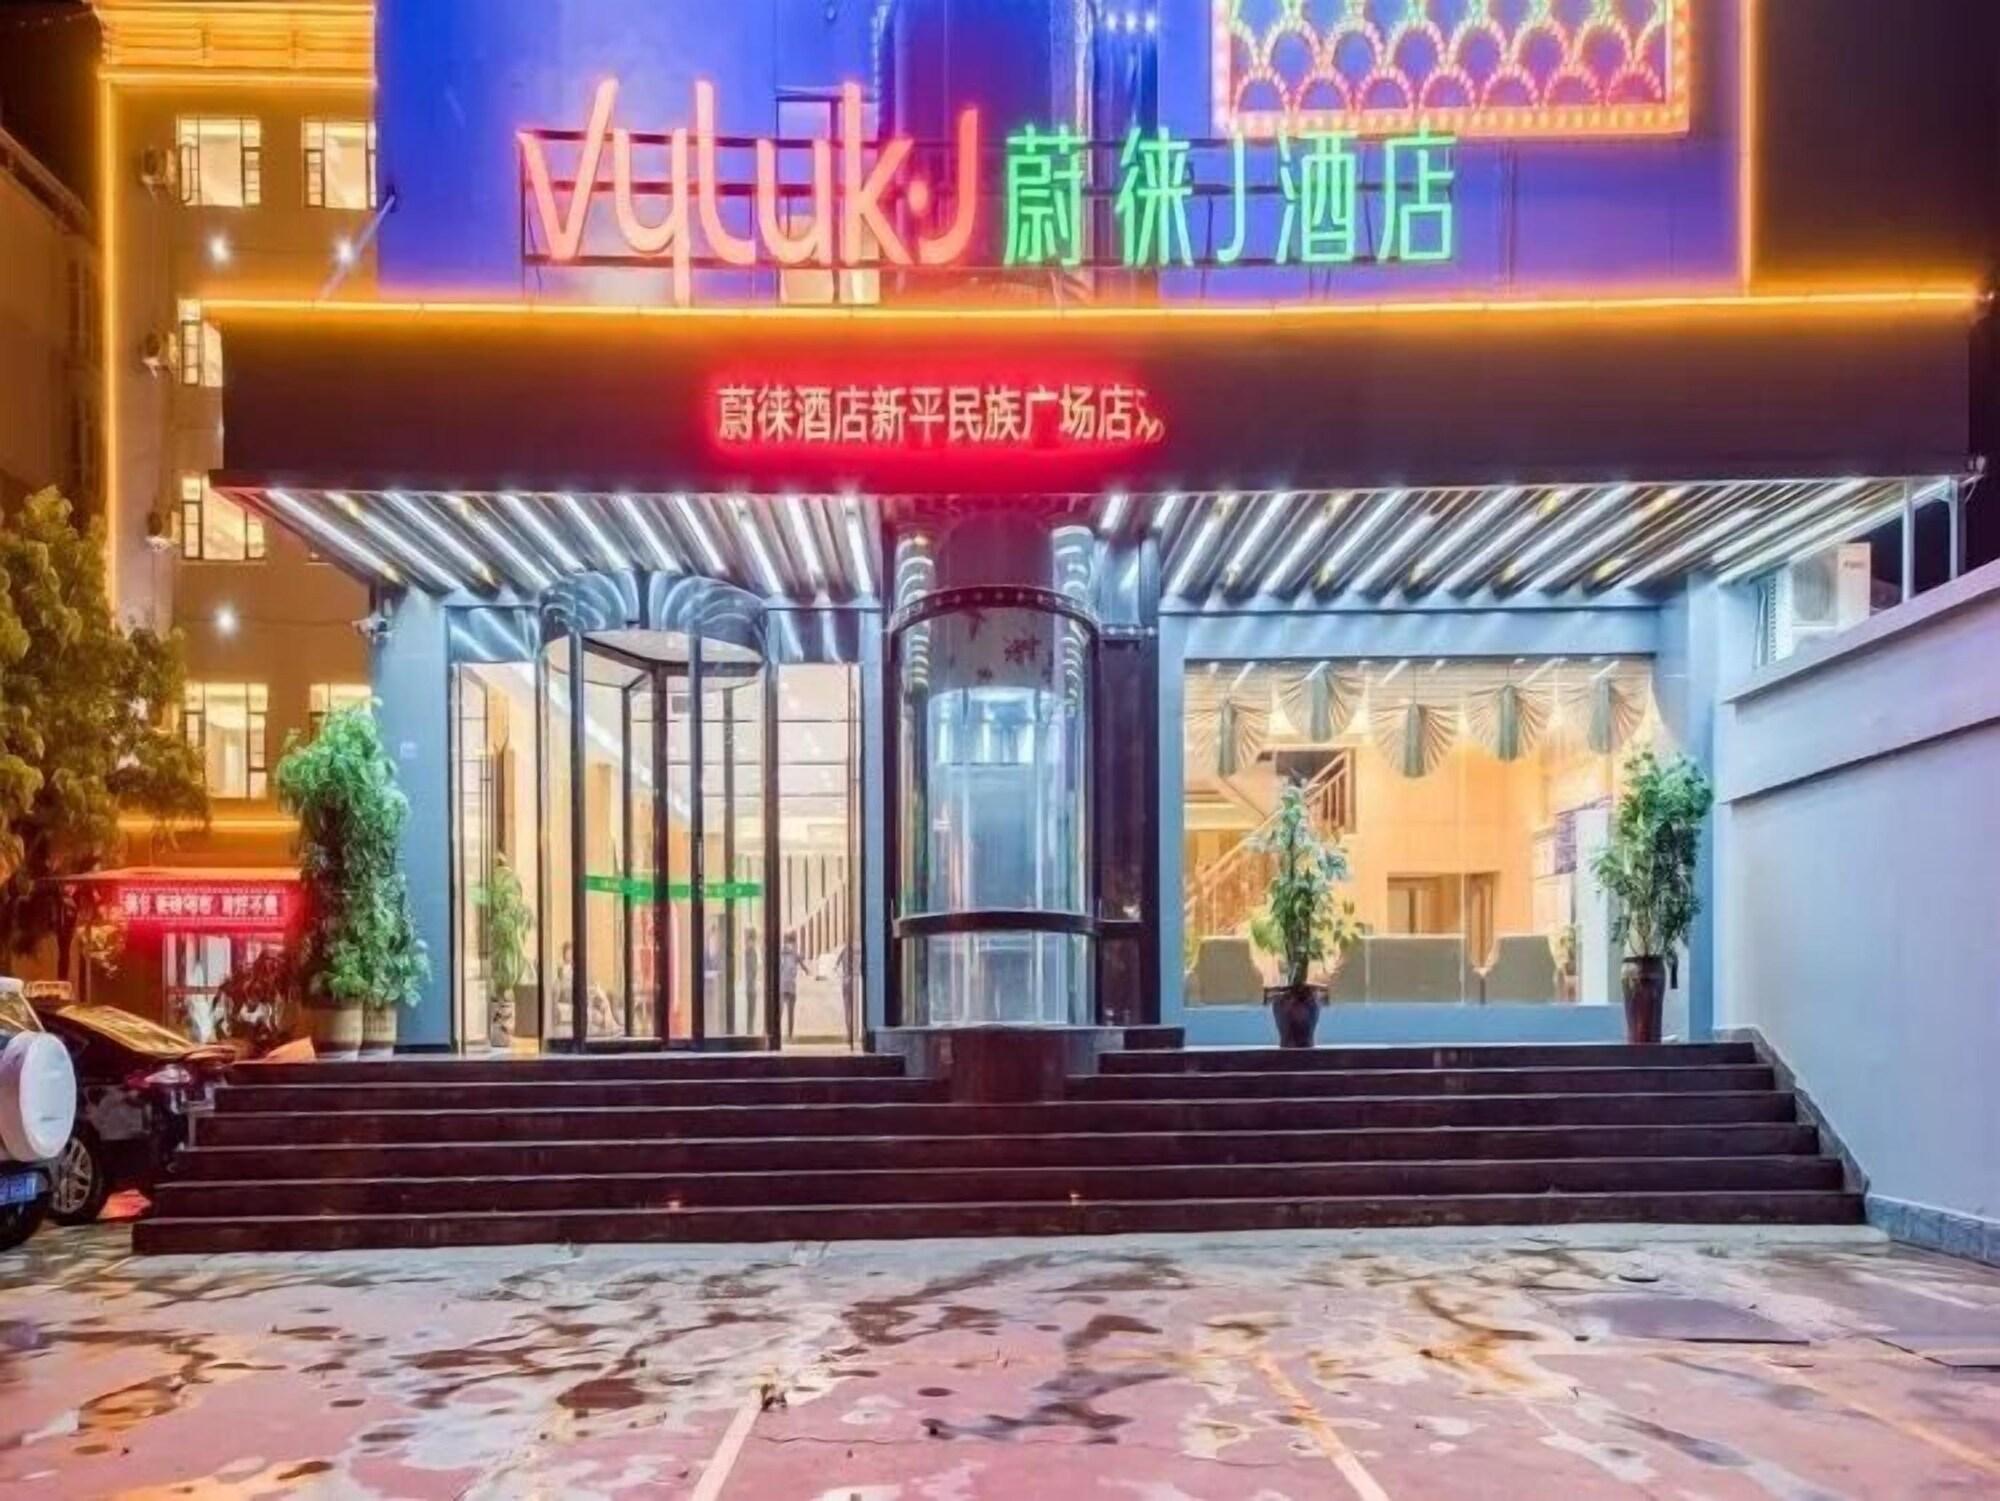 Vyluk·J Hotel National Plaza Xinping, Yuxi